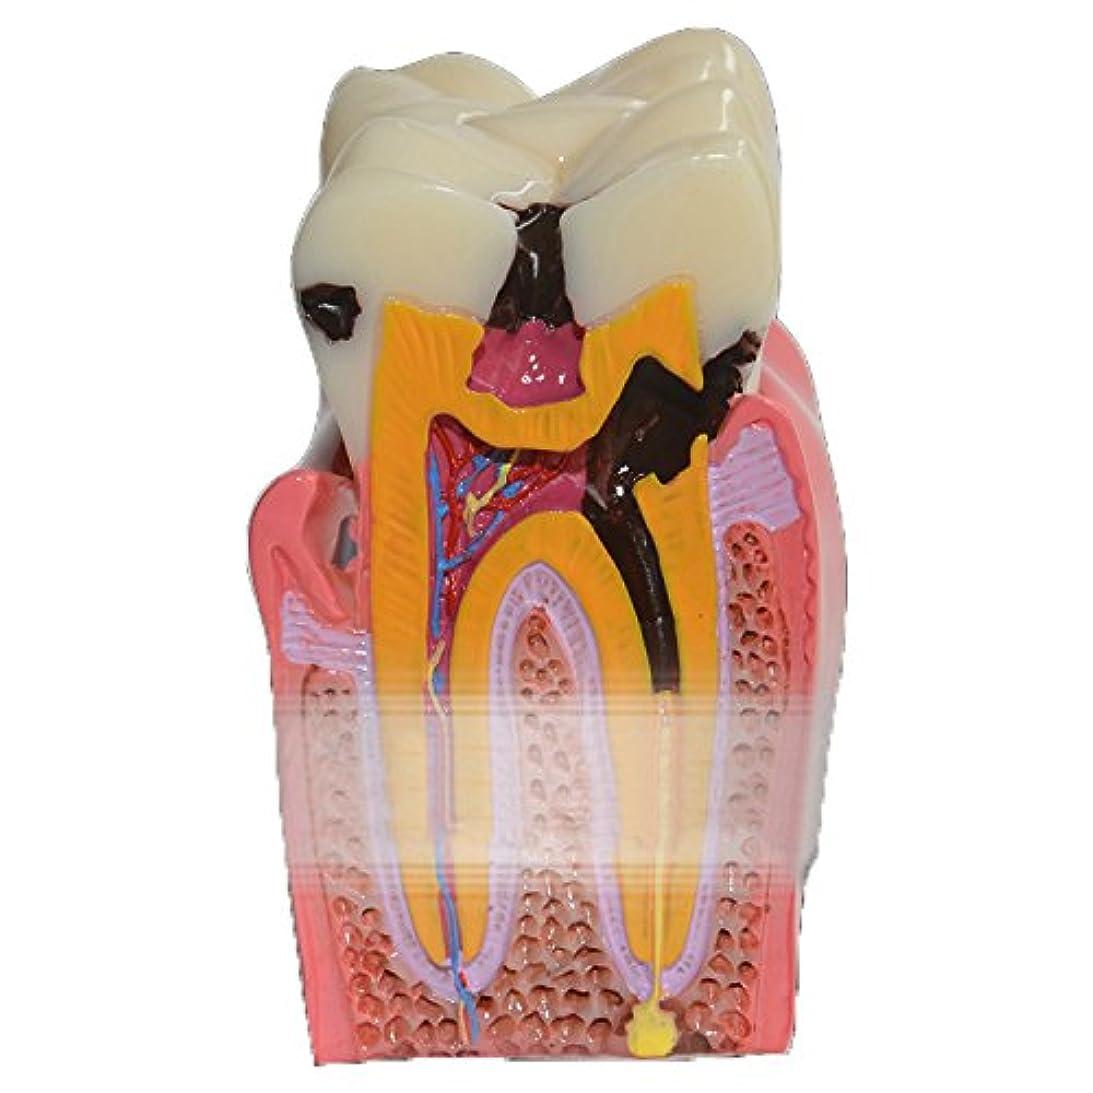 悲観主義者困った国際GoDen大人と小児歯模型 解剖学的歯模型 教学用模型